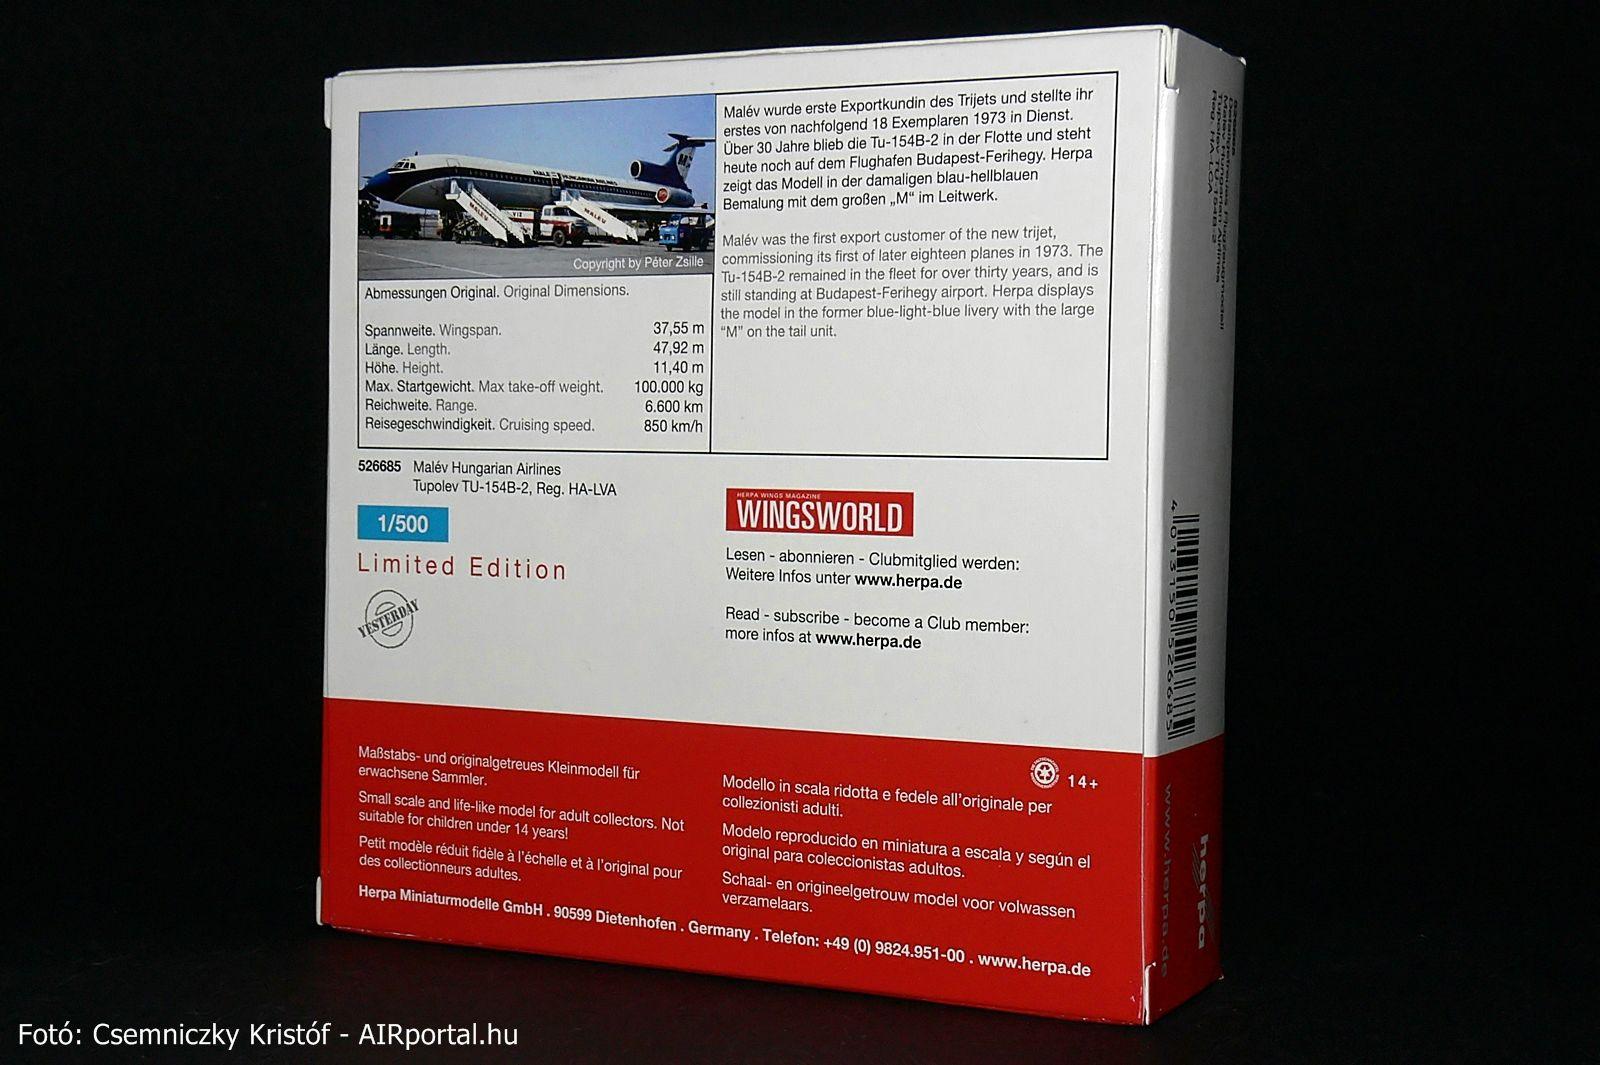 A modell dobozára szemléltetésképp a valódi gépet Zsille Péter, légiközlekedési szakíró ferihegyi fotója került. A doboz hátlapján található leírásban helytelenül HA-LVA lajstrom lett feltüntetve, de szerencsére magán a modellen helyesen HA-LCA szerepel. | © AIRportal.hu